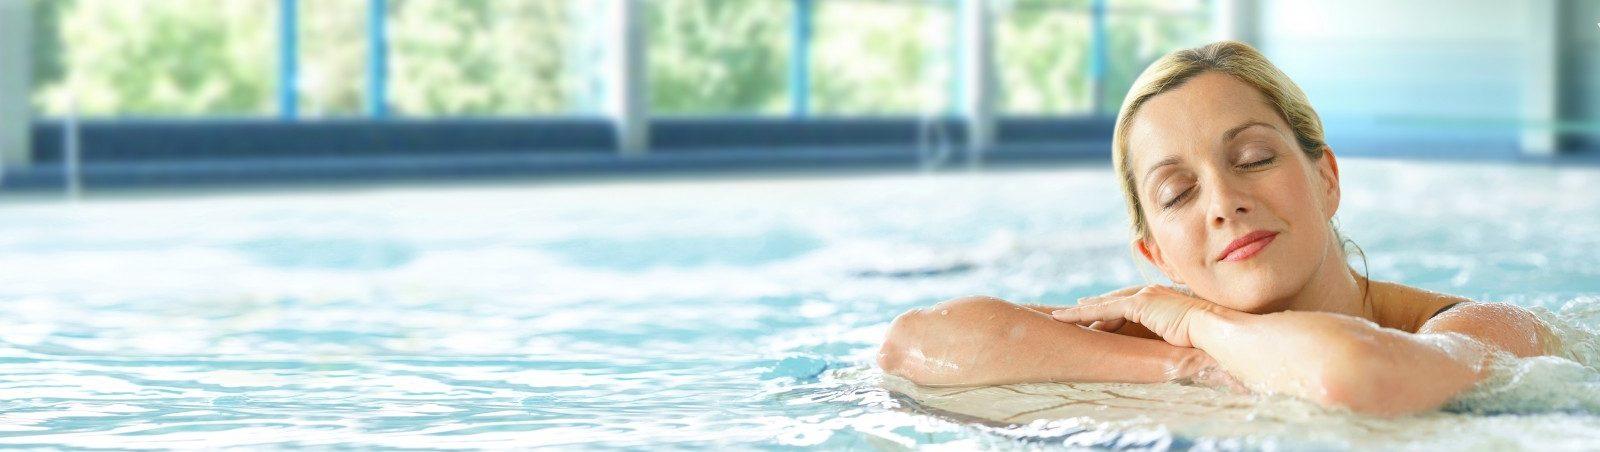 Schwimmerin im Hallenbad